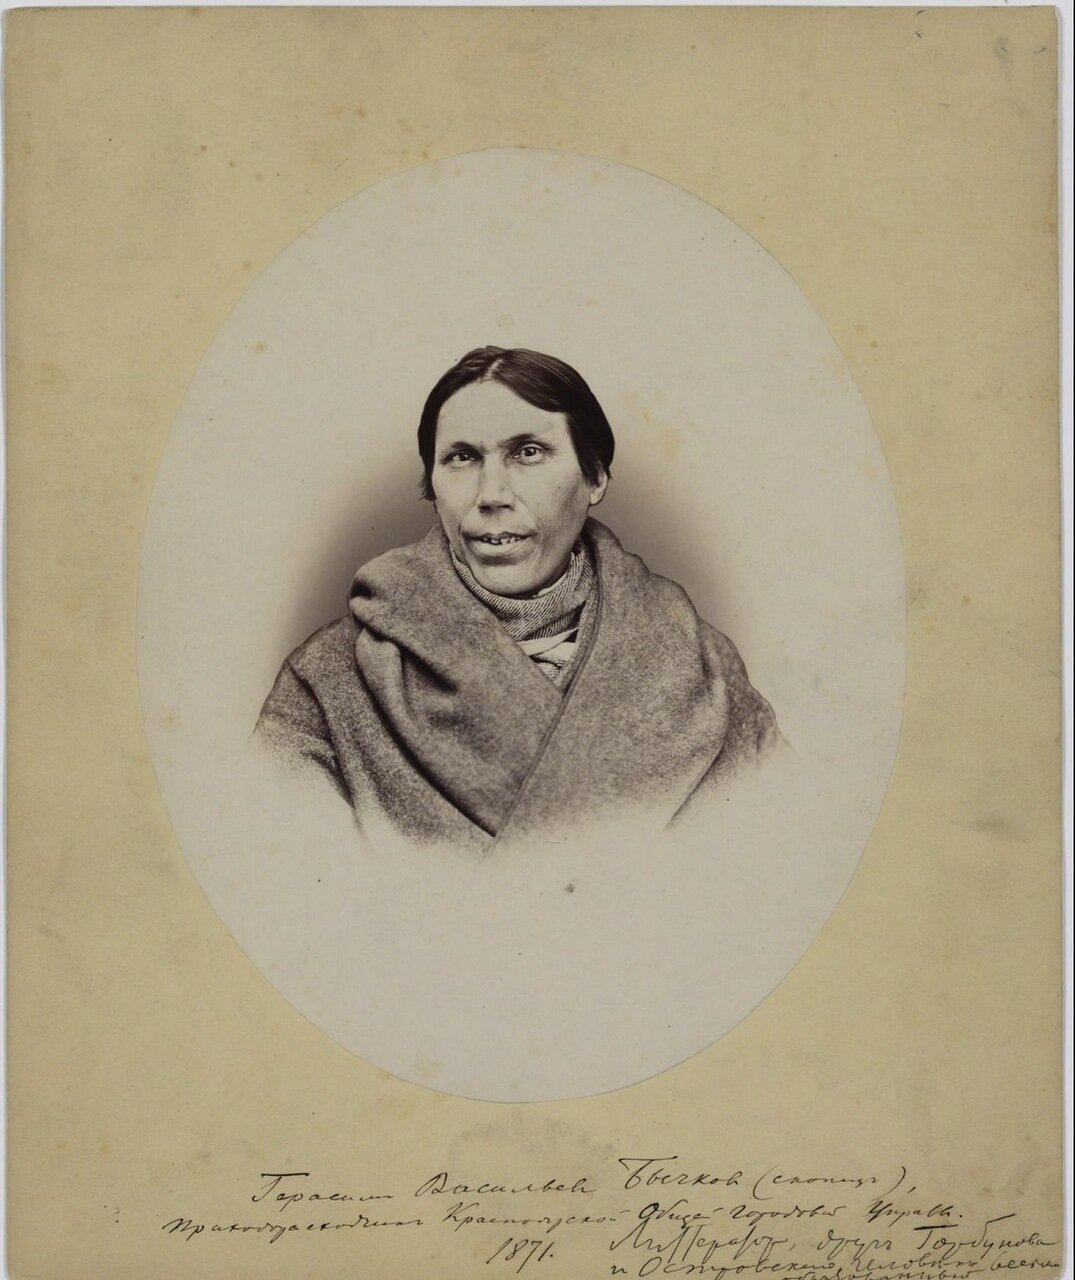 Портрет Герасима Бычкова, литератора. Фотография при Управлении Моск. обер-полицмейстера 1871 г.